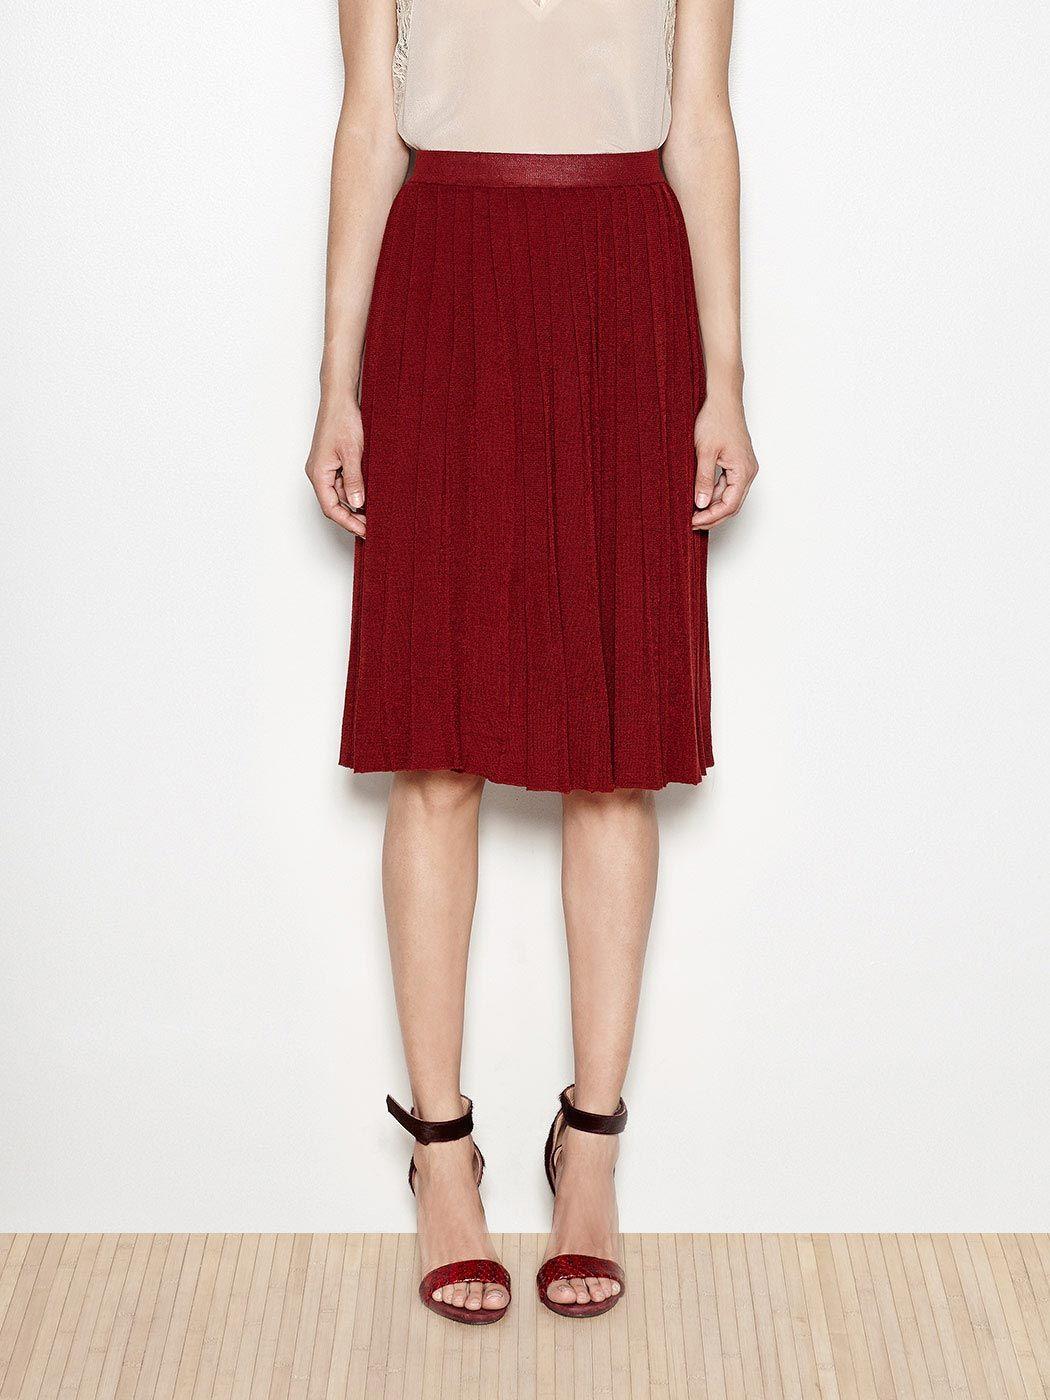 Pleated knit midi skirt | Hoss Intropia Ireland | My Style | Pinterest